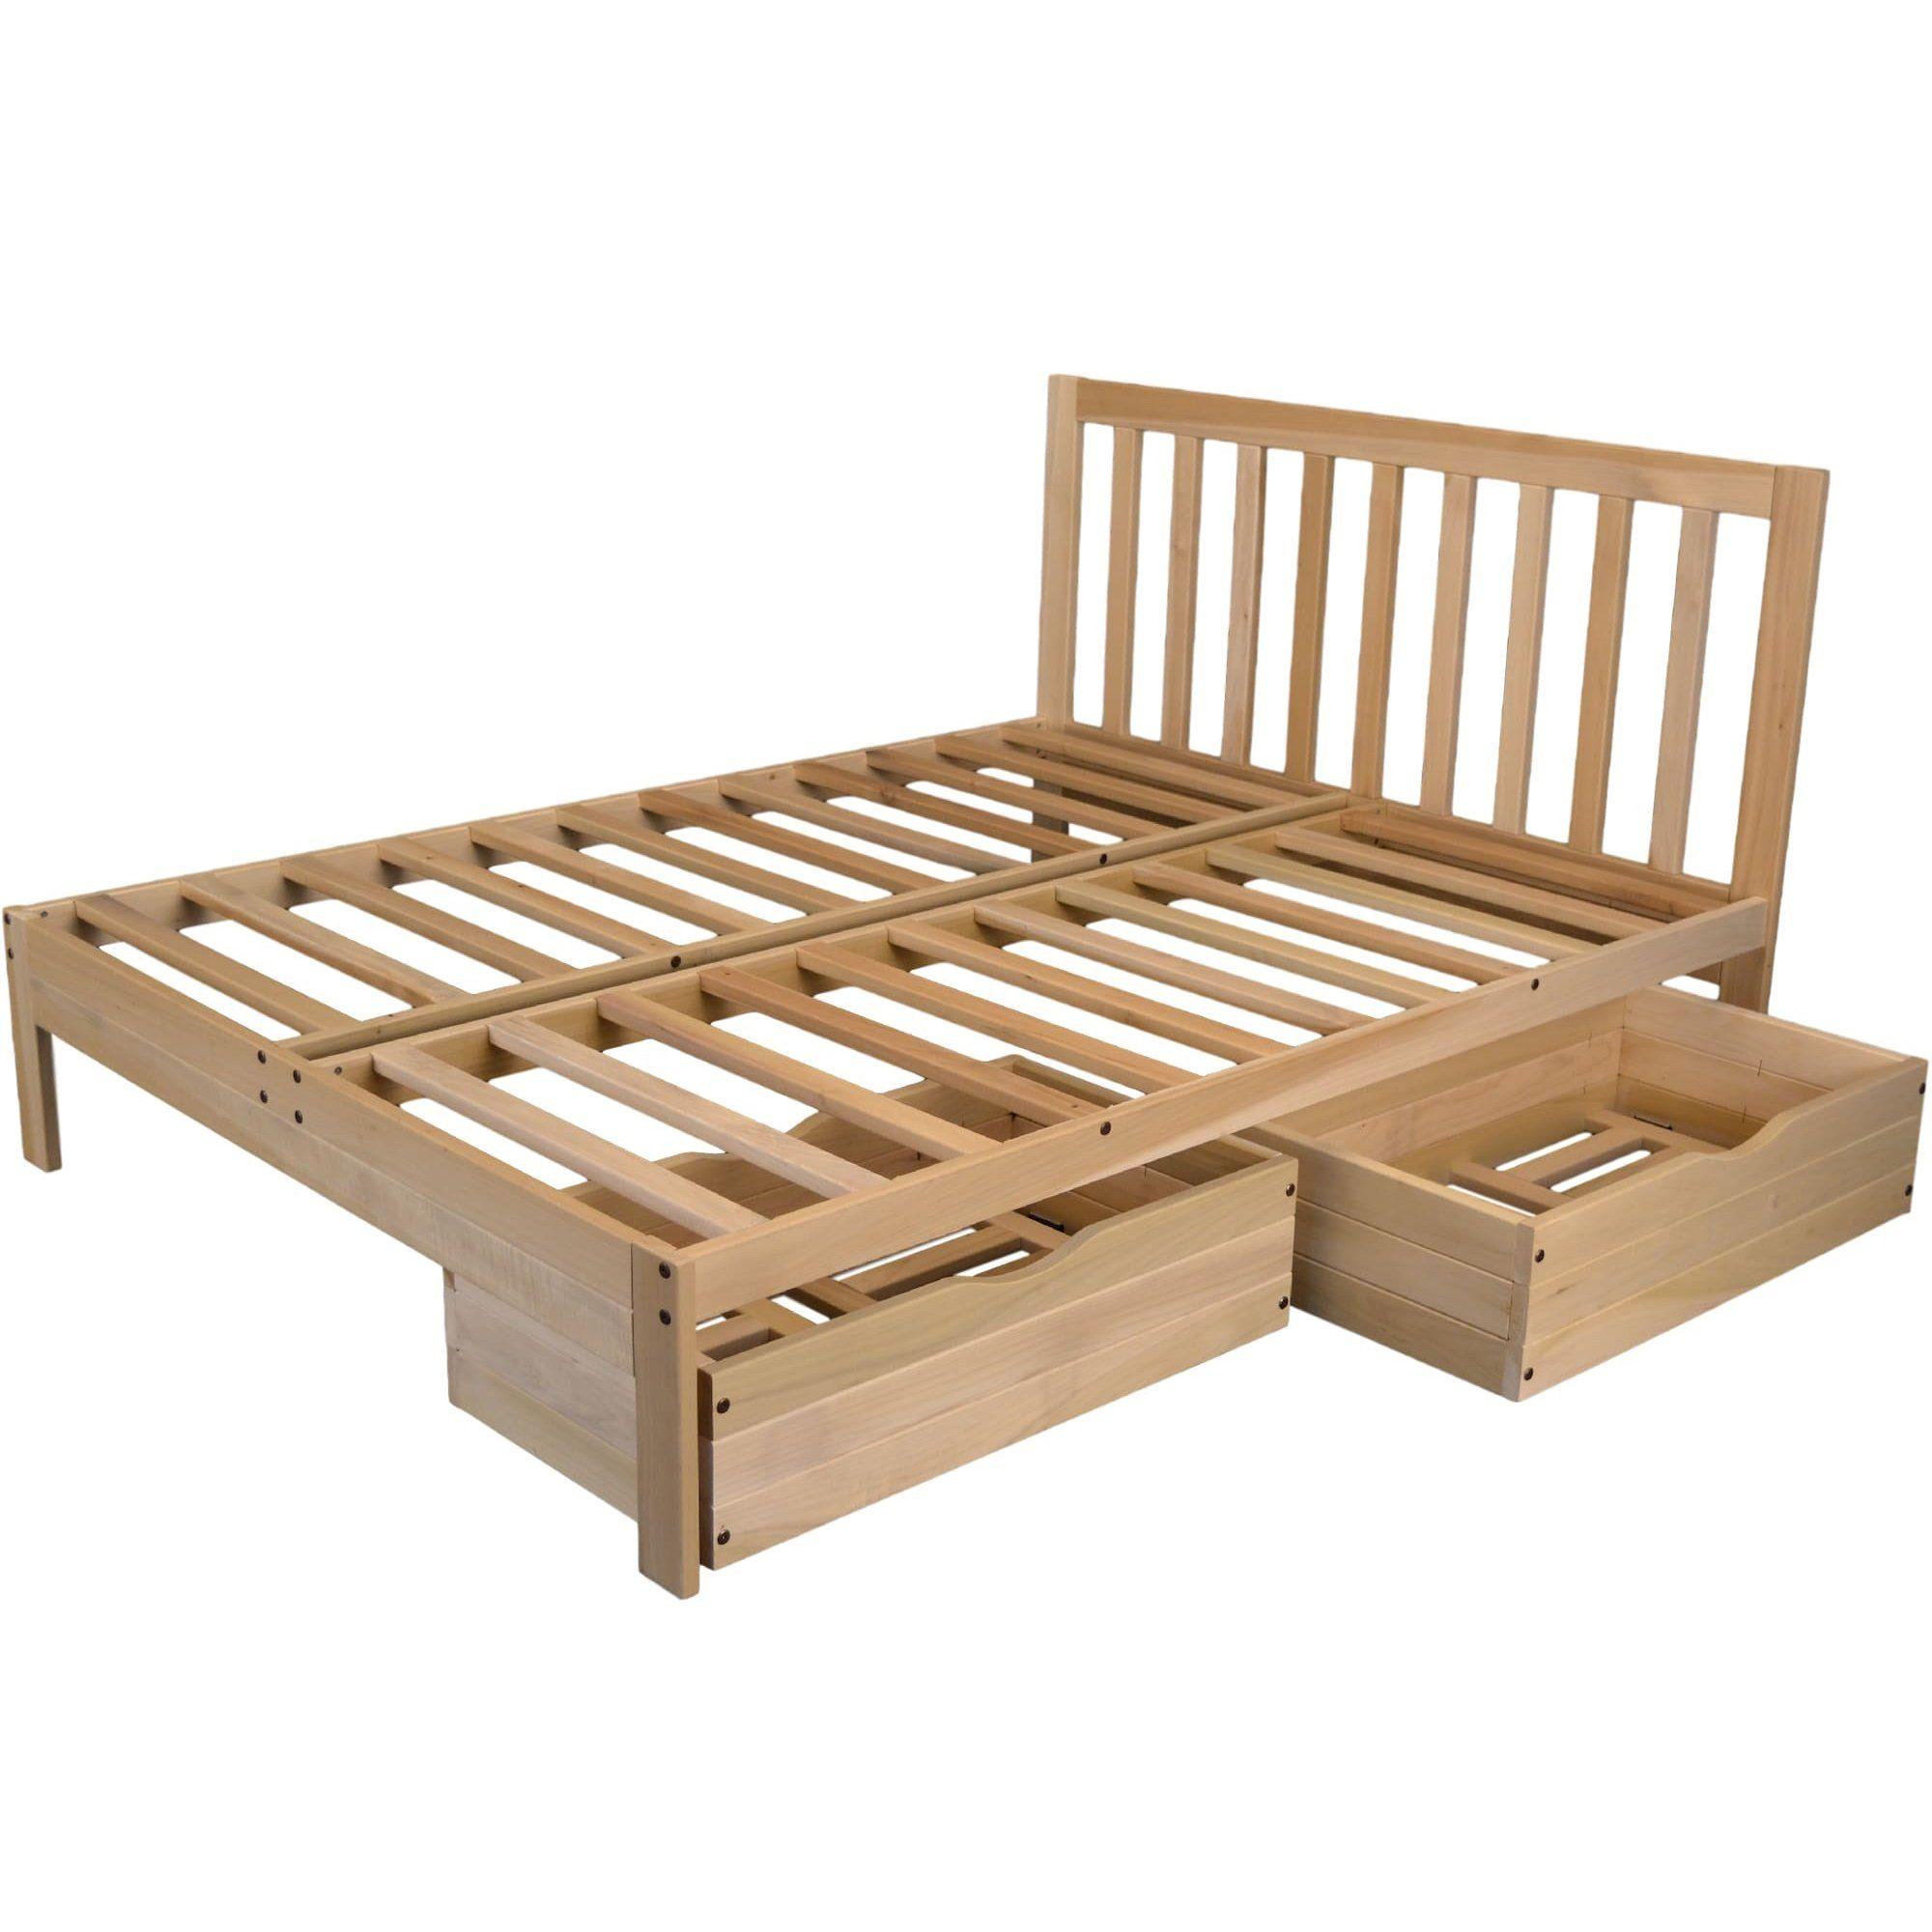 Kd Frames Charleston 2 Platform Bed Platform Bed Bed Walmart Bedding